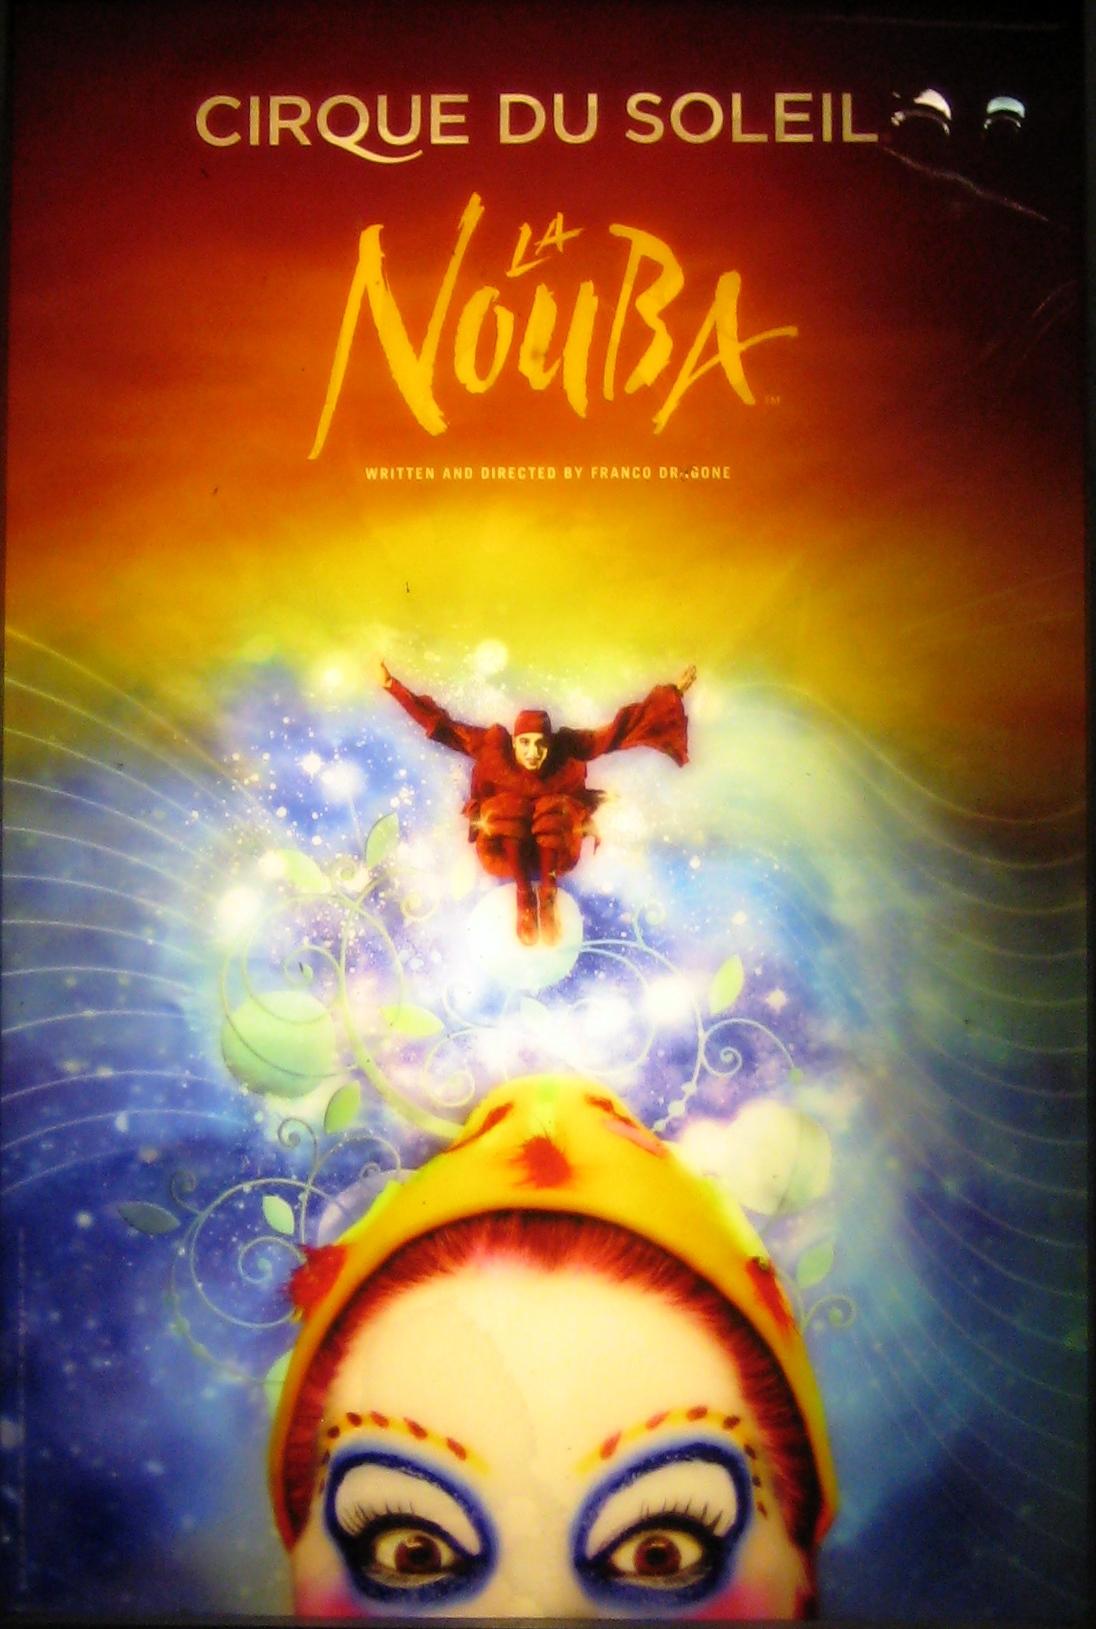 Incredible La Nouba at Walt Disney Resort